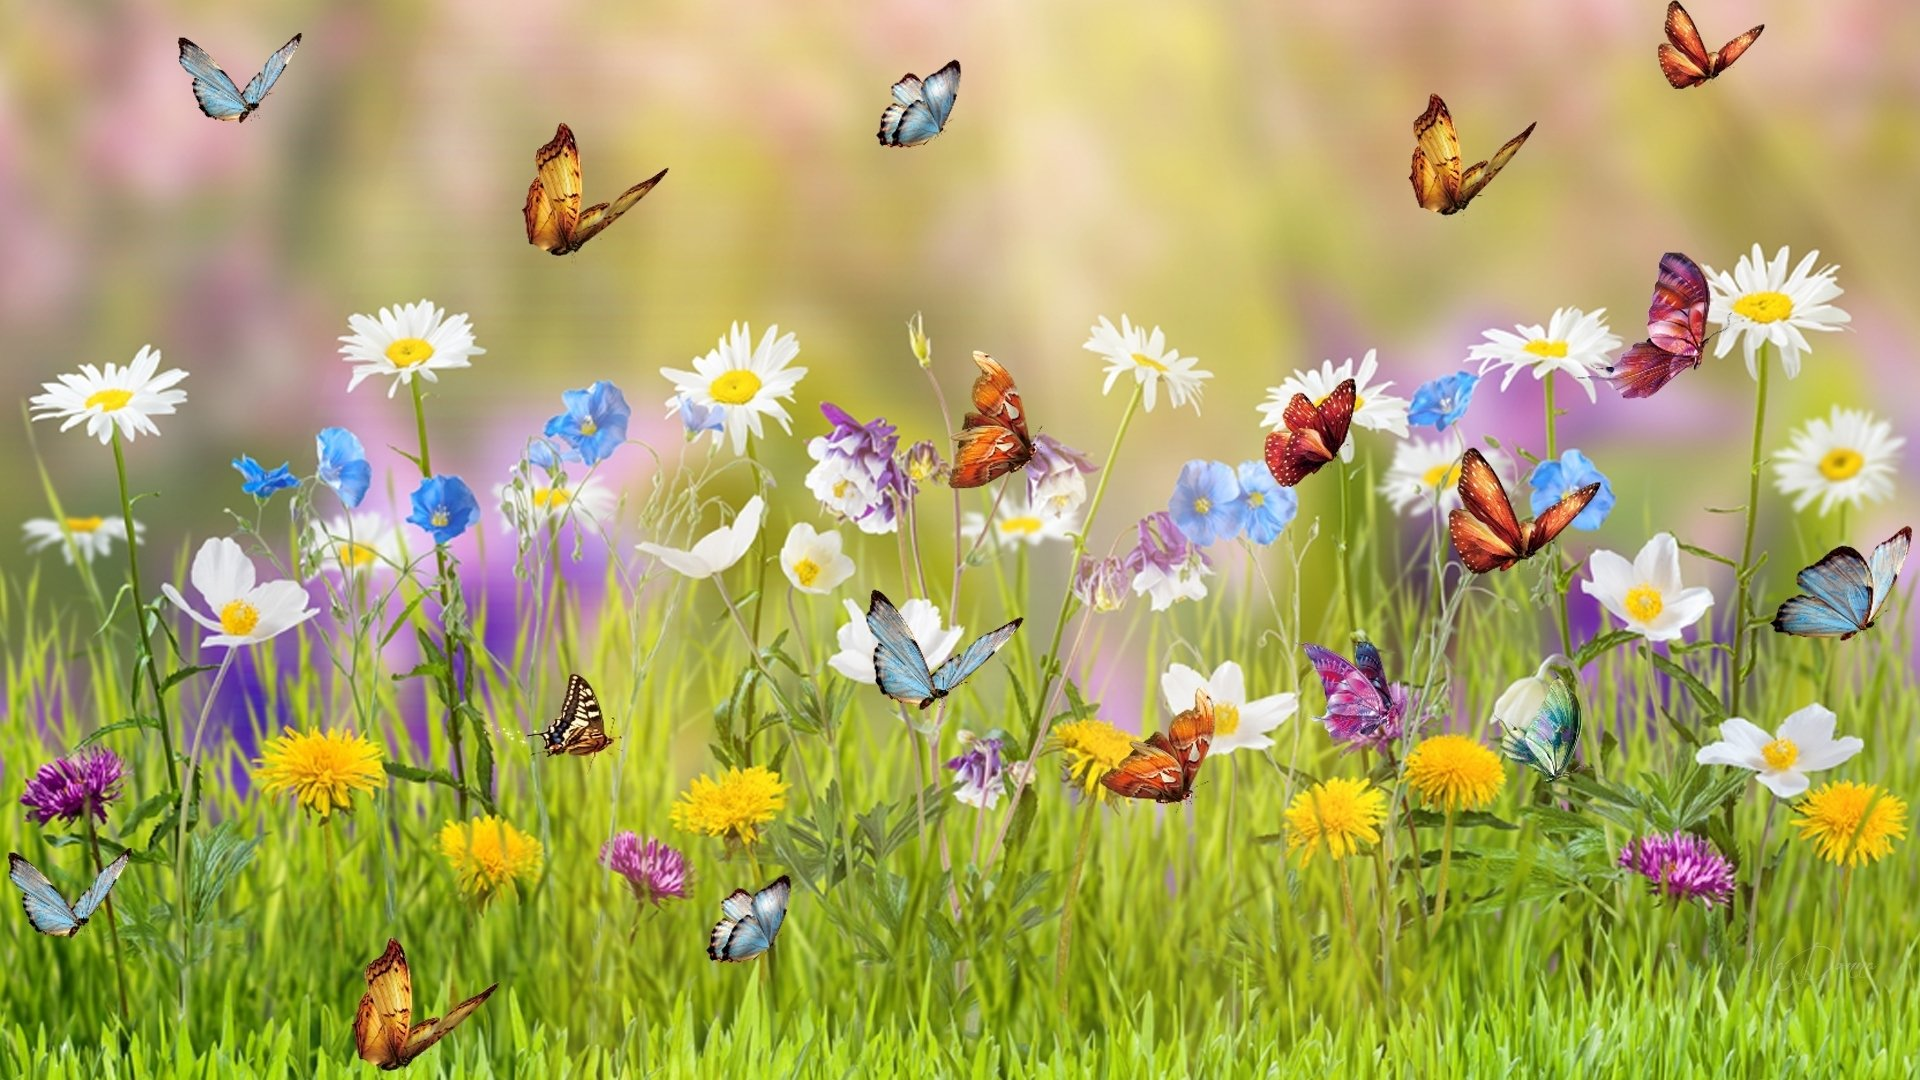 Hình ảnh mùa xuân hoa cỏ đẹp